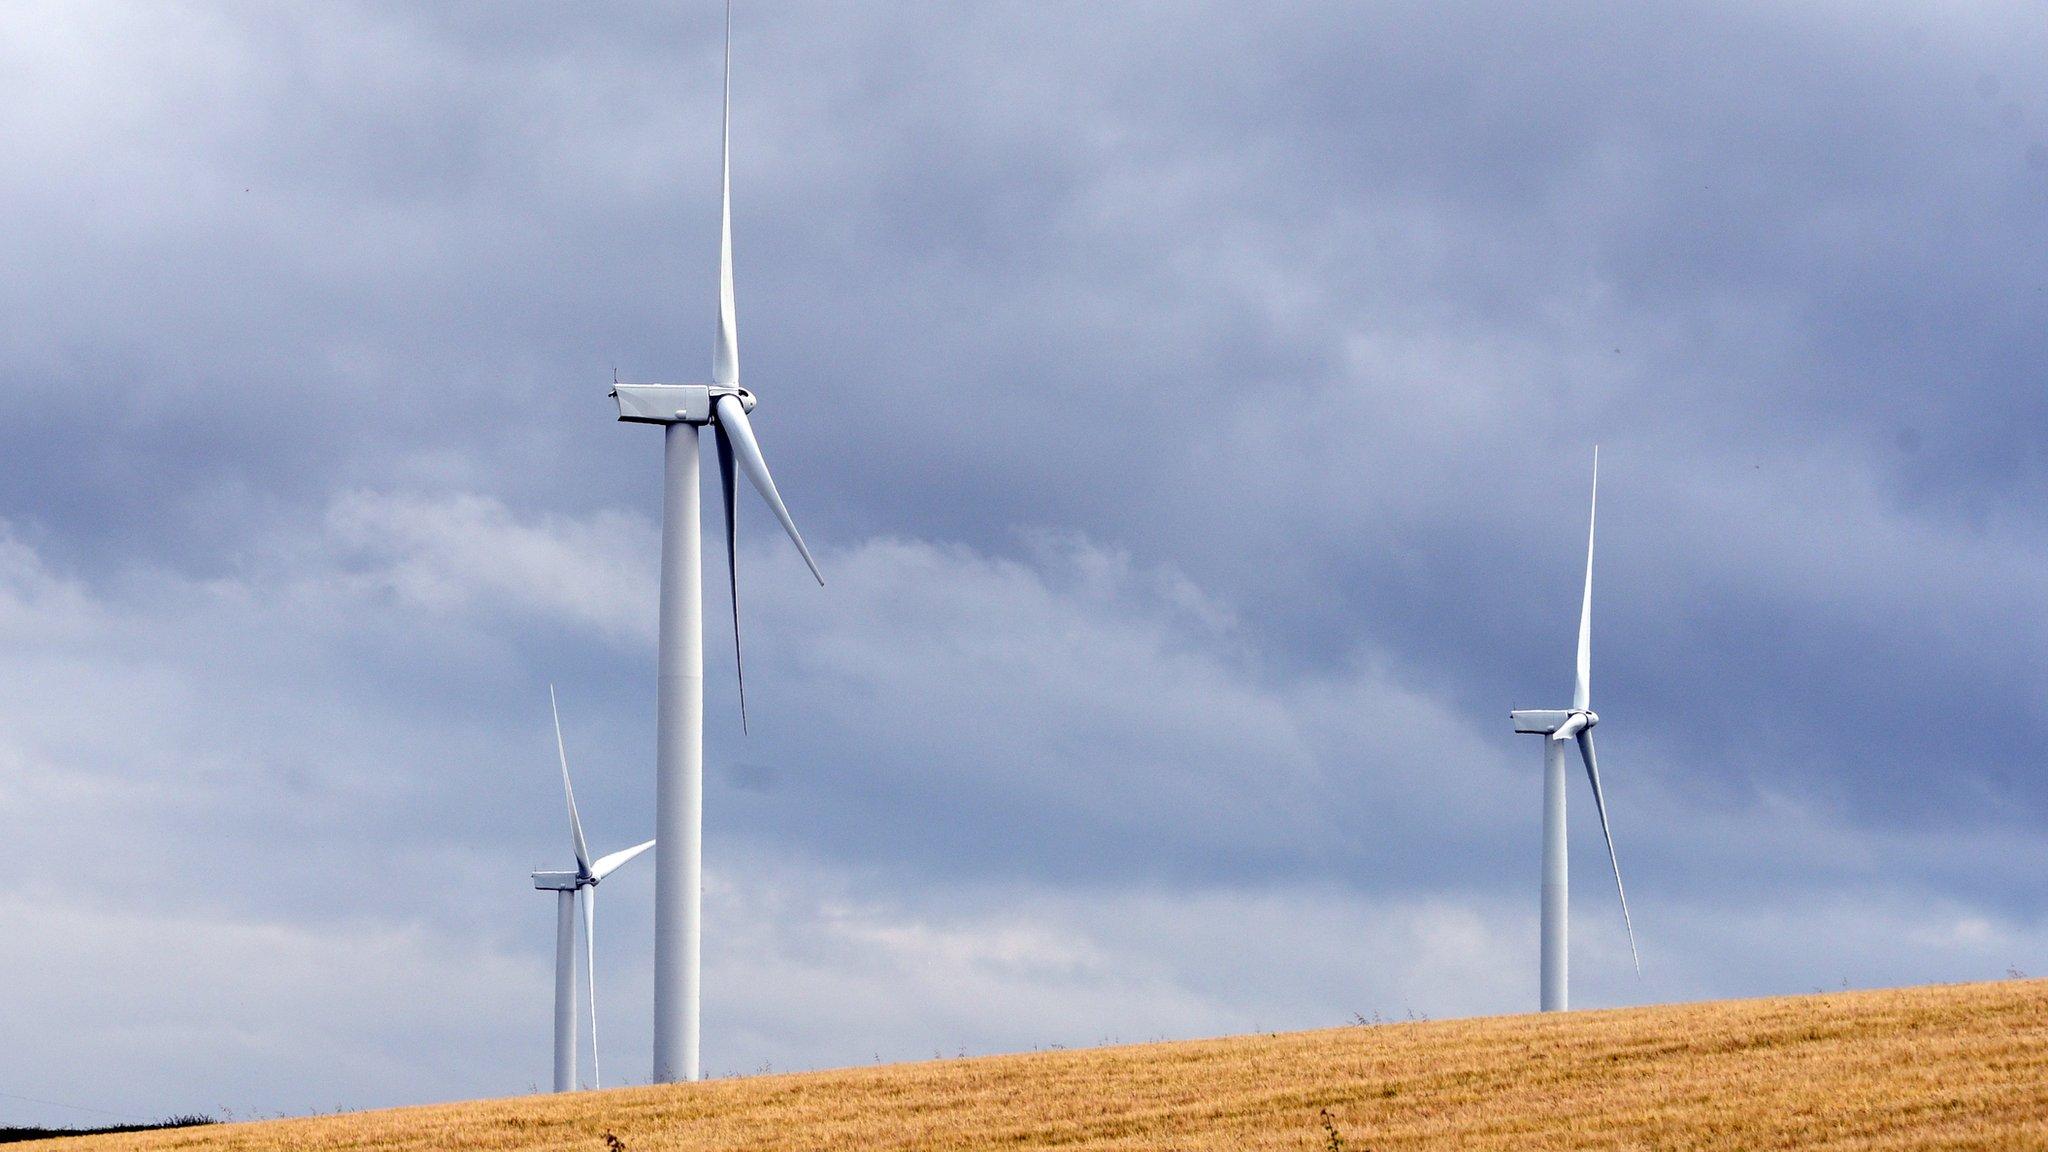 Four in 10 wind turbine appeals won